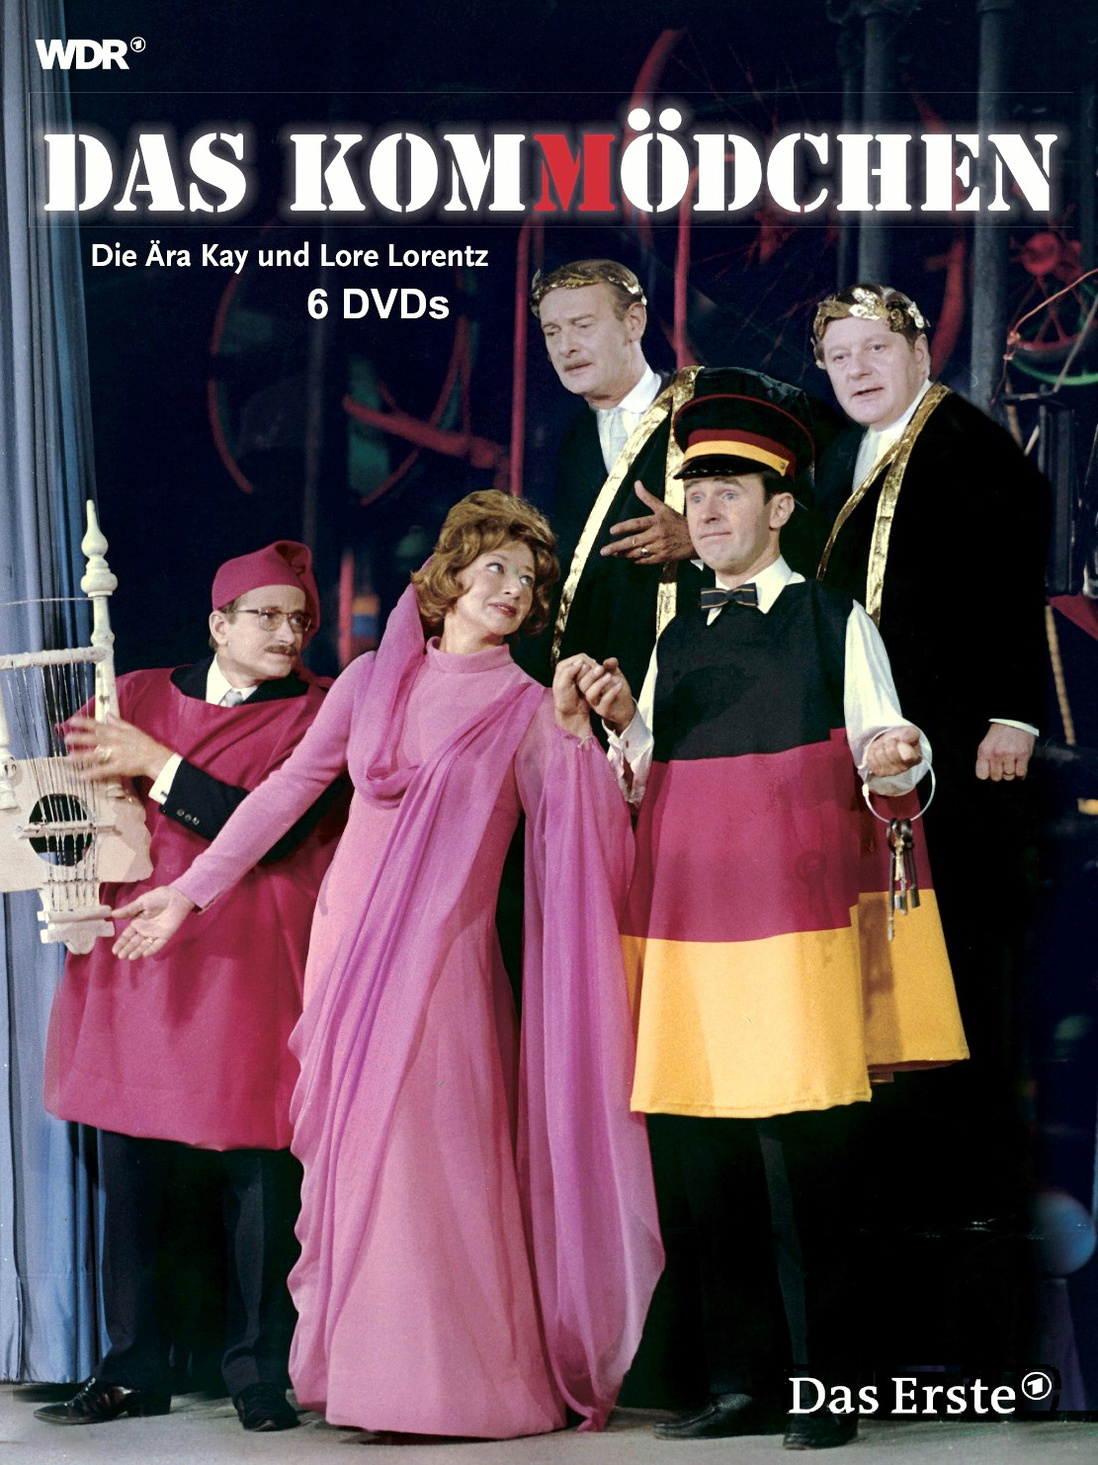 Das Kom(m)ödchen - die Ära Kay und Lore Lorentz [6 DVDs]